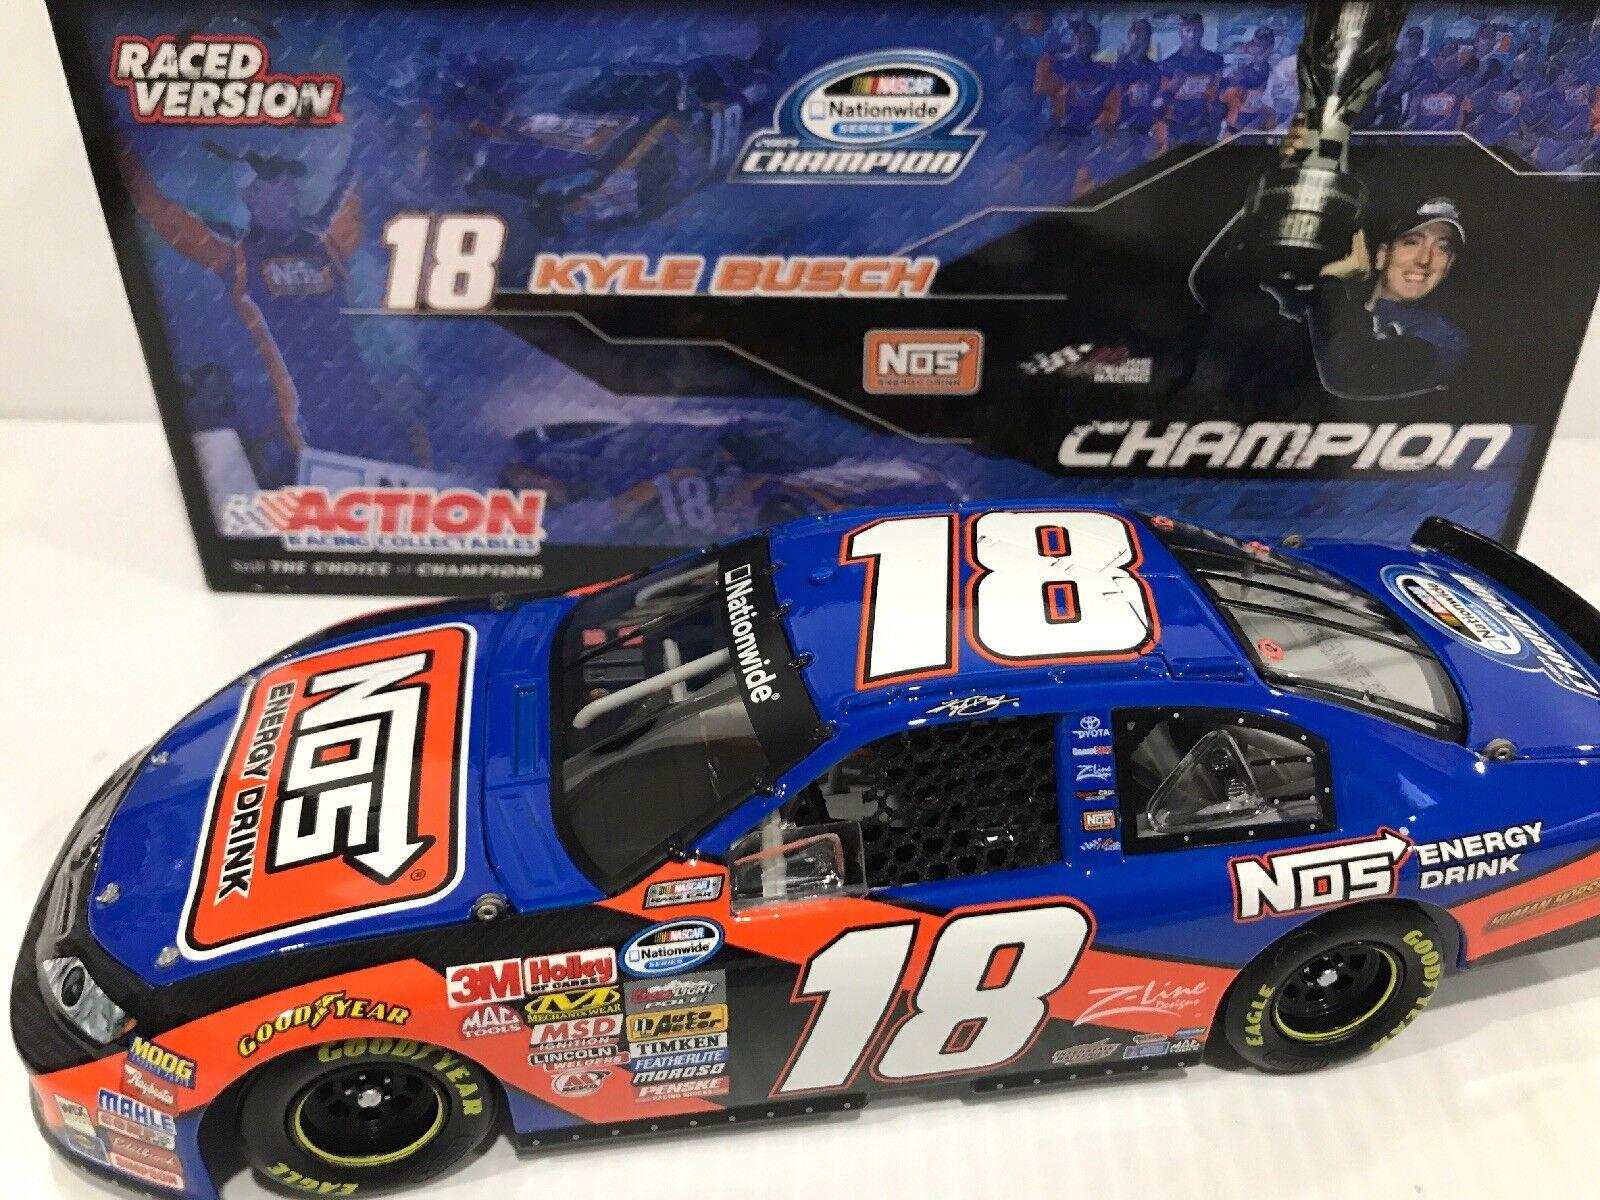 comprar descuentos 2009  18 Kyle Busch nos energía en todo todo todo el país serie campeón corrió ganar  Descuento del 70% barato